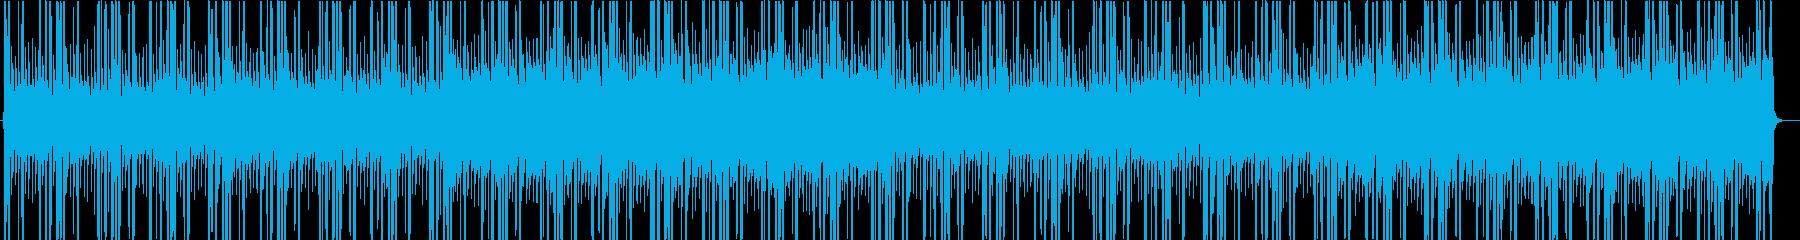 会社紹介 エレクトロニクス・力強い・安心の再生済みの波形